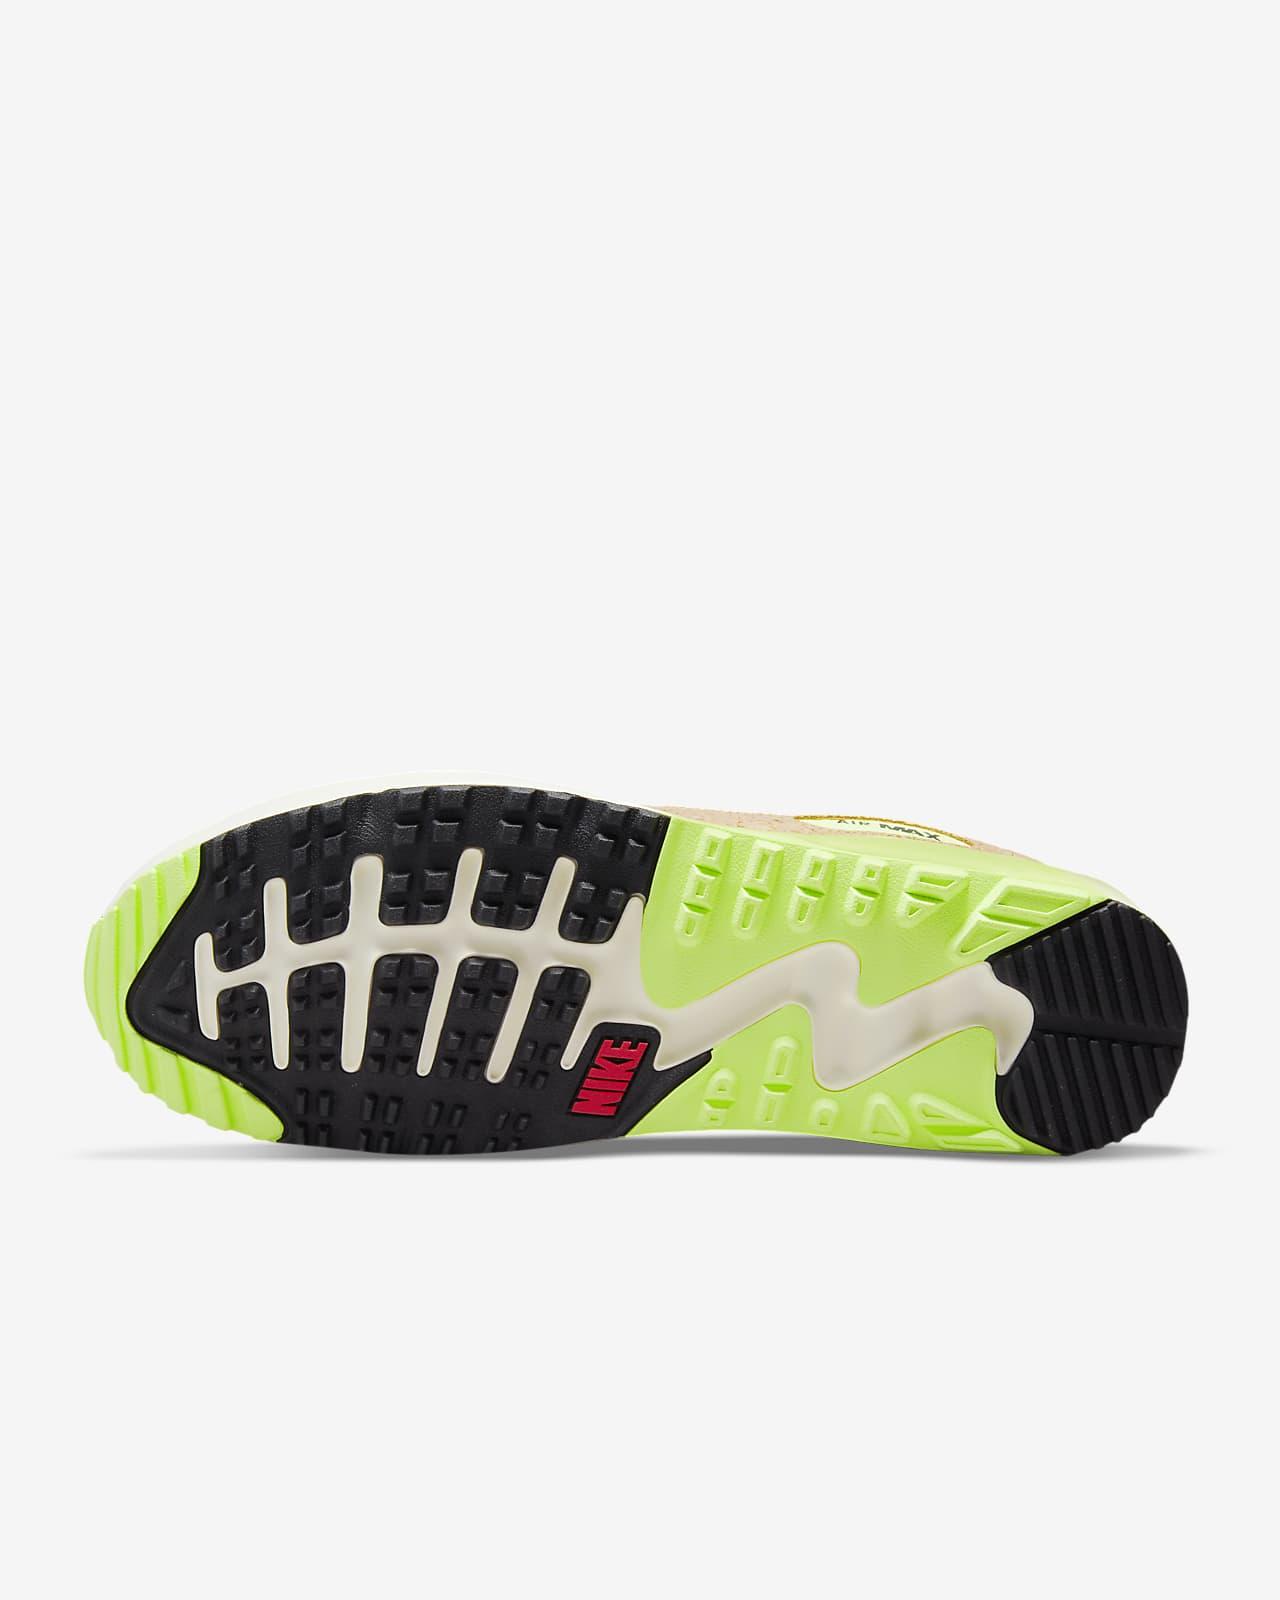 Nike Air Max 90 G NRG Golf Shoes